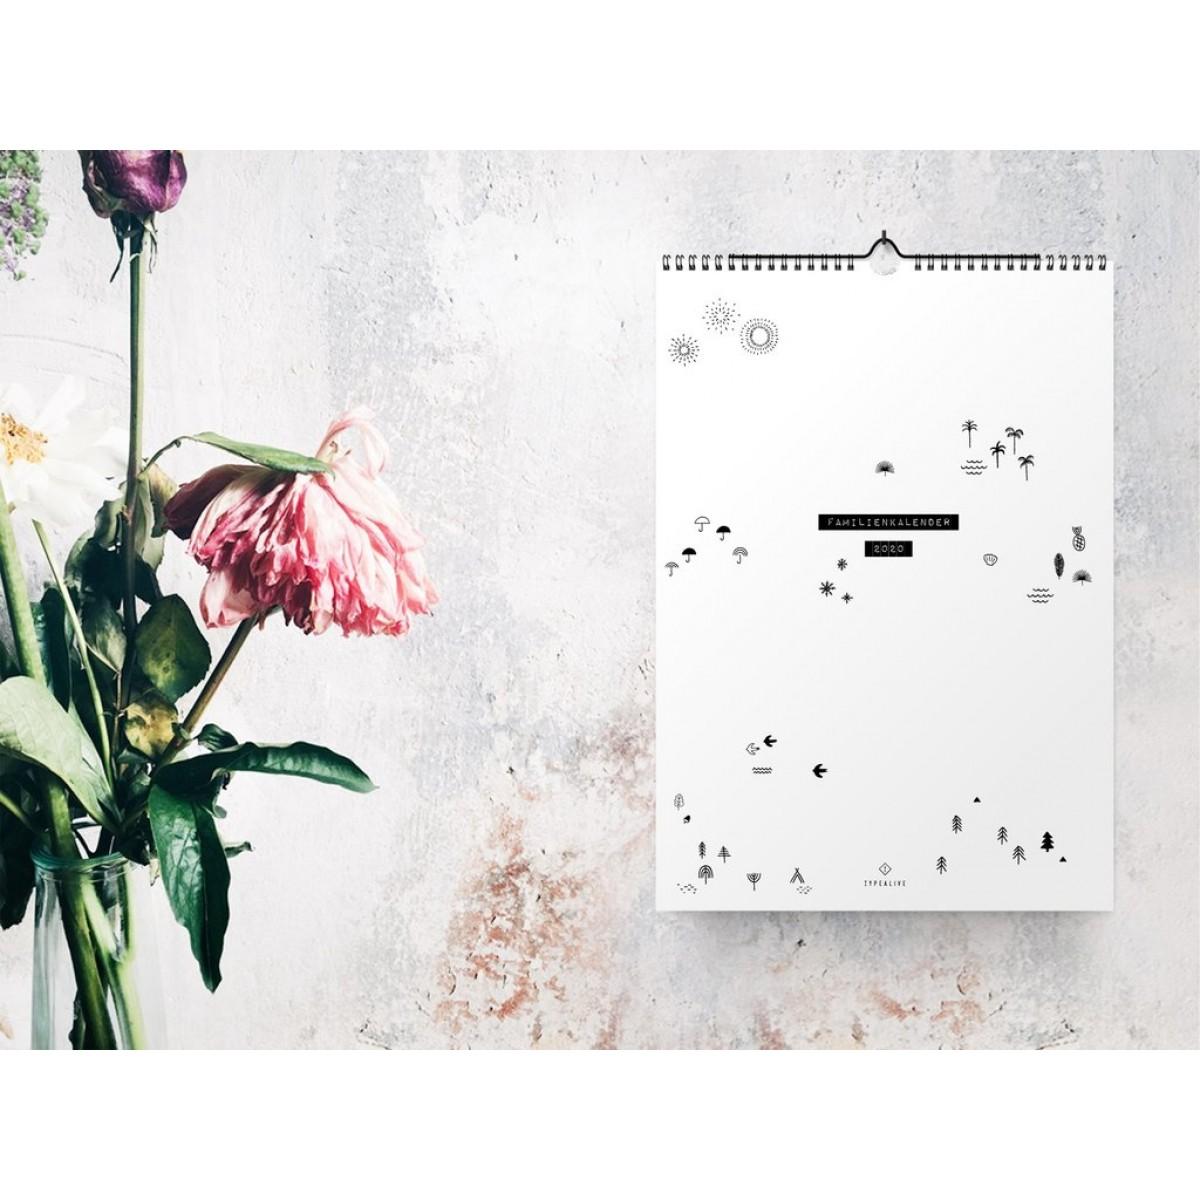 typealive / Familienkalender DIN A3 / Seasons 2020